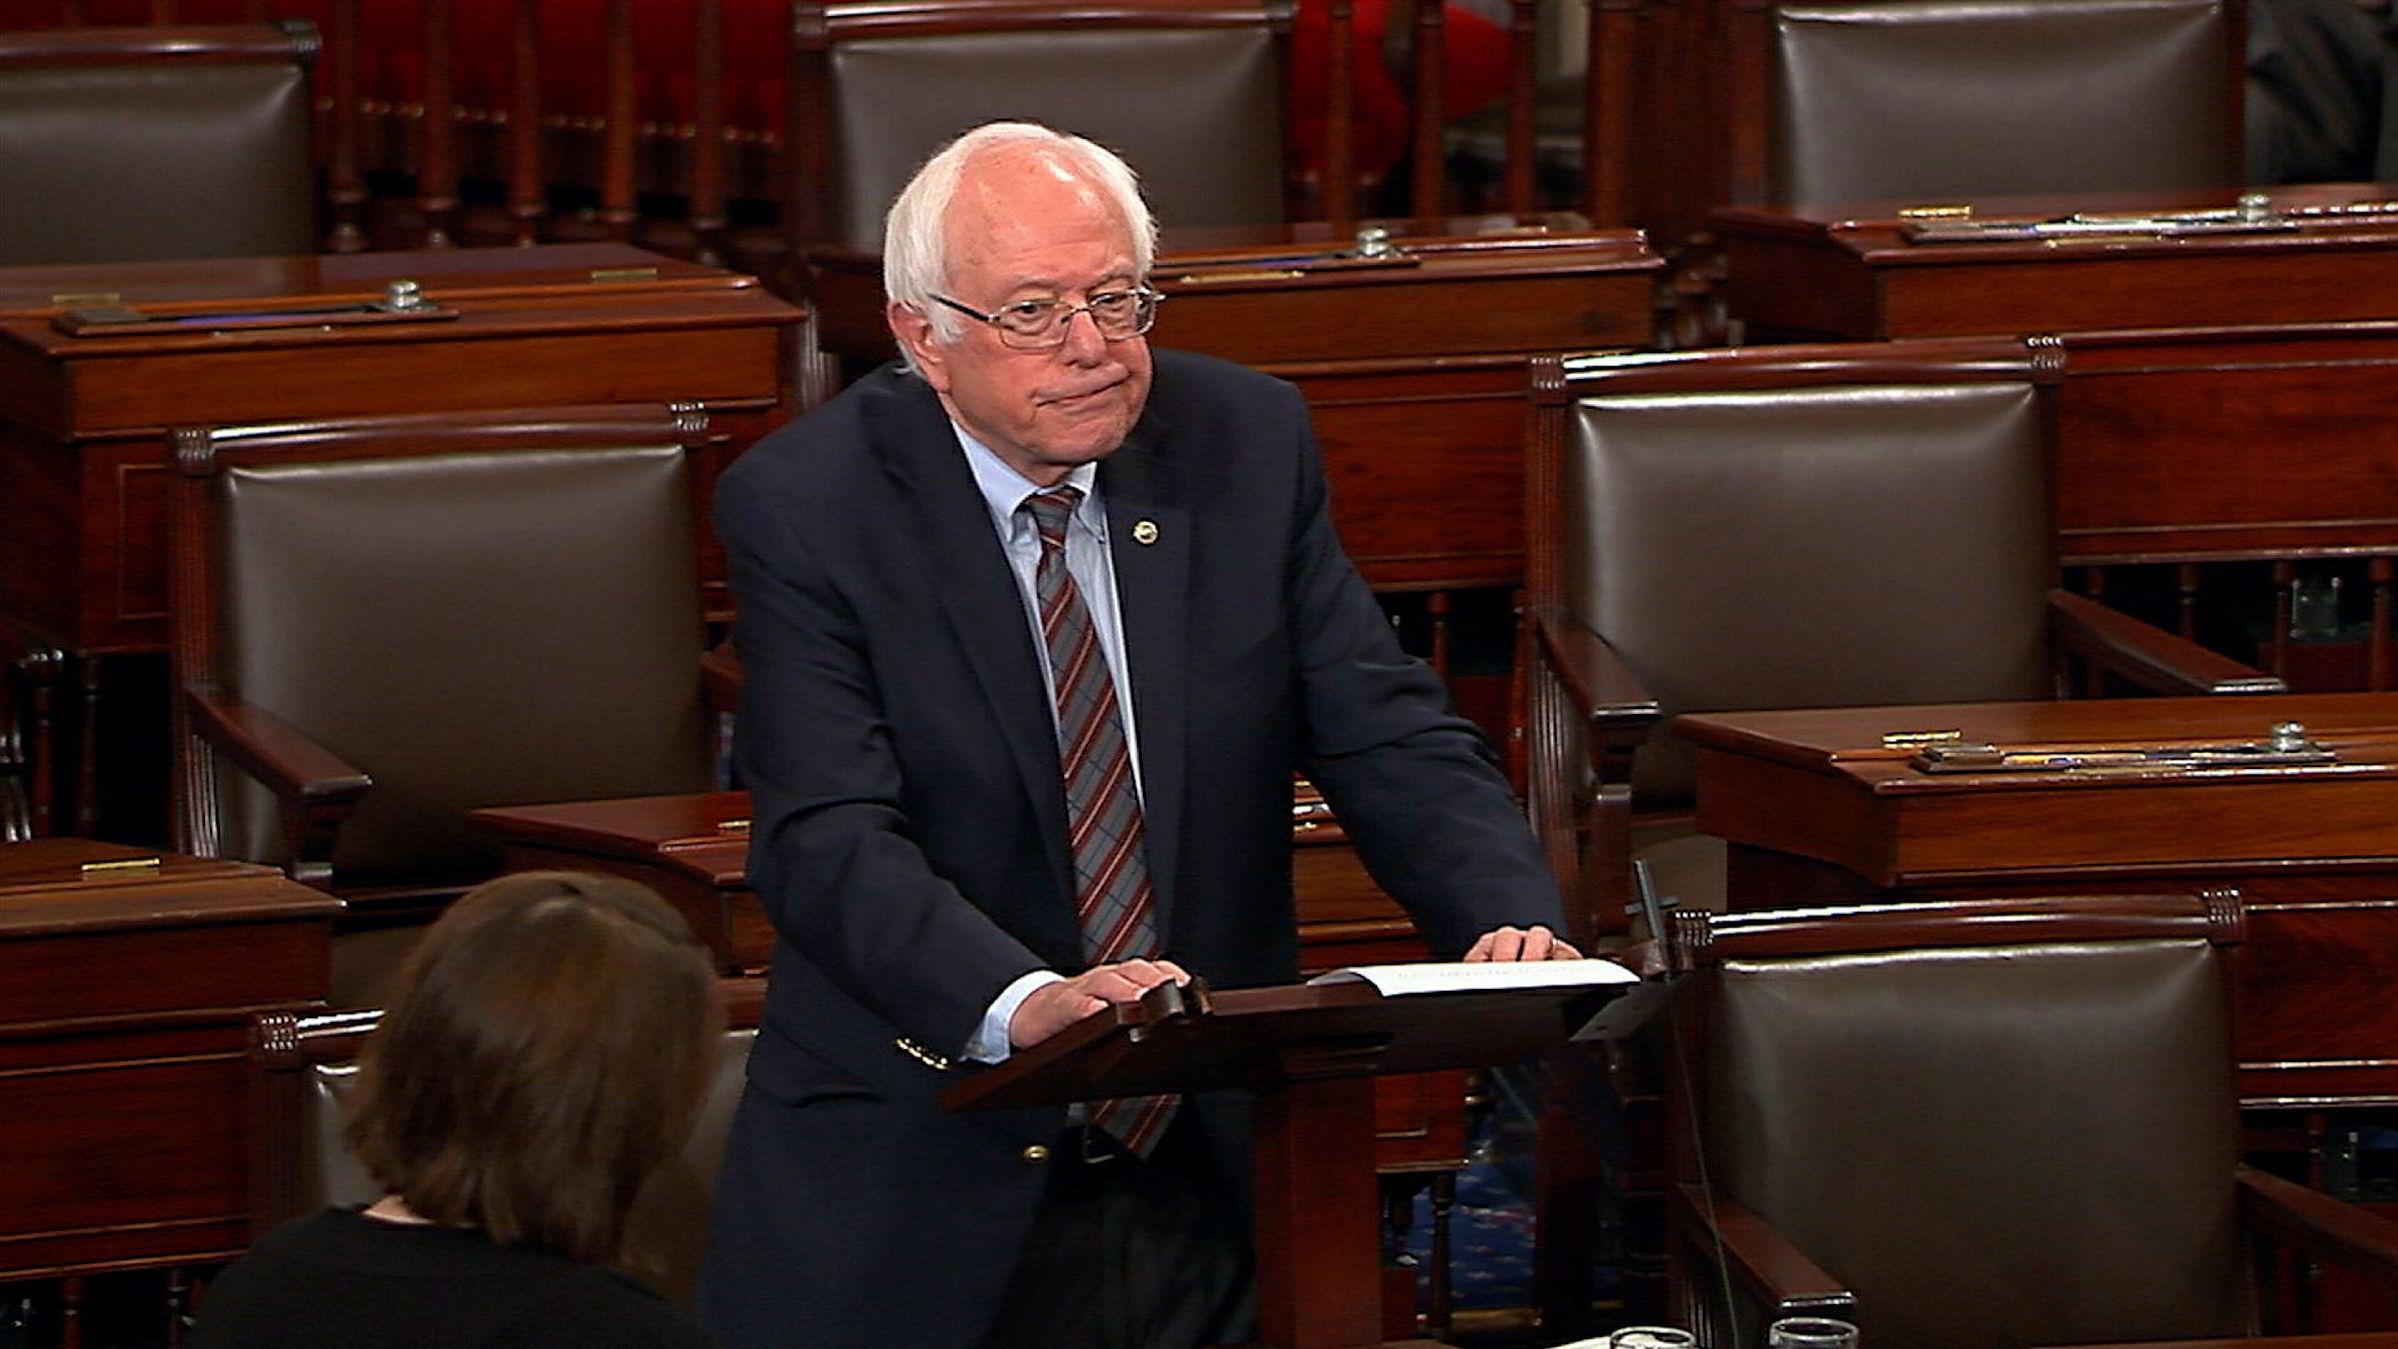 Senator Bernie Sanders går hardt ut mot den nye helseplanen som republikanerne skal ha jobbet med i hemmelighet.